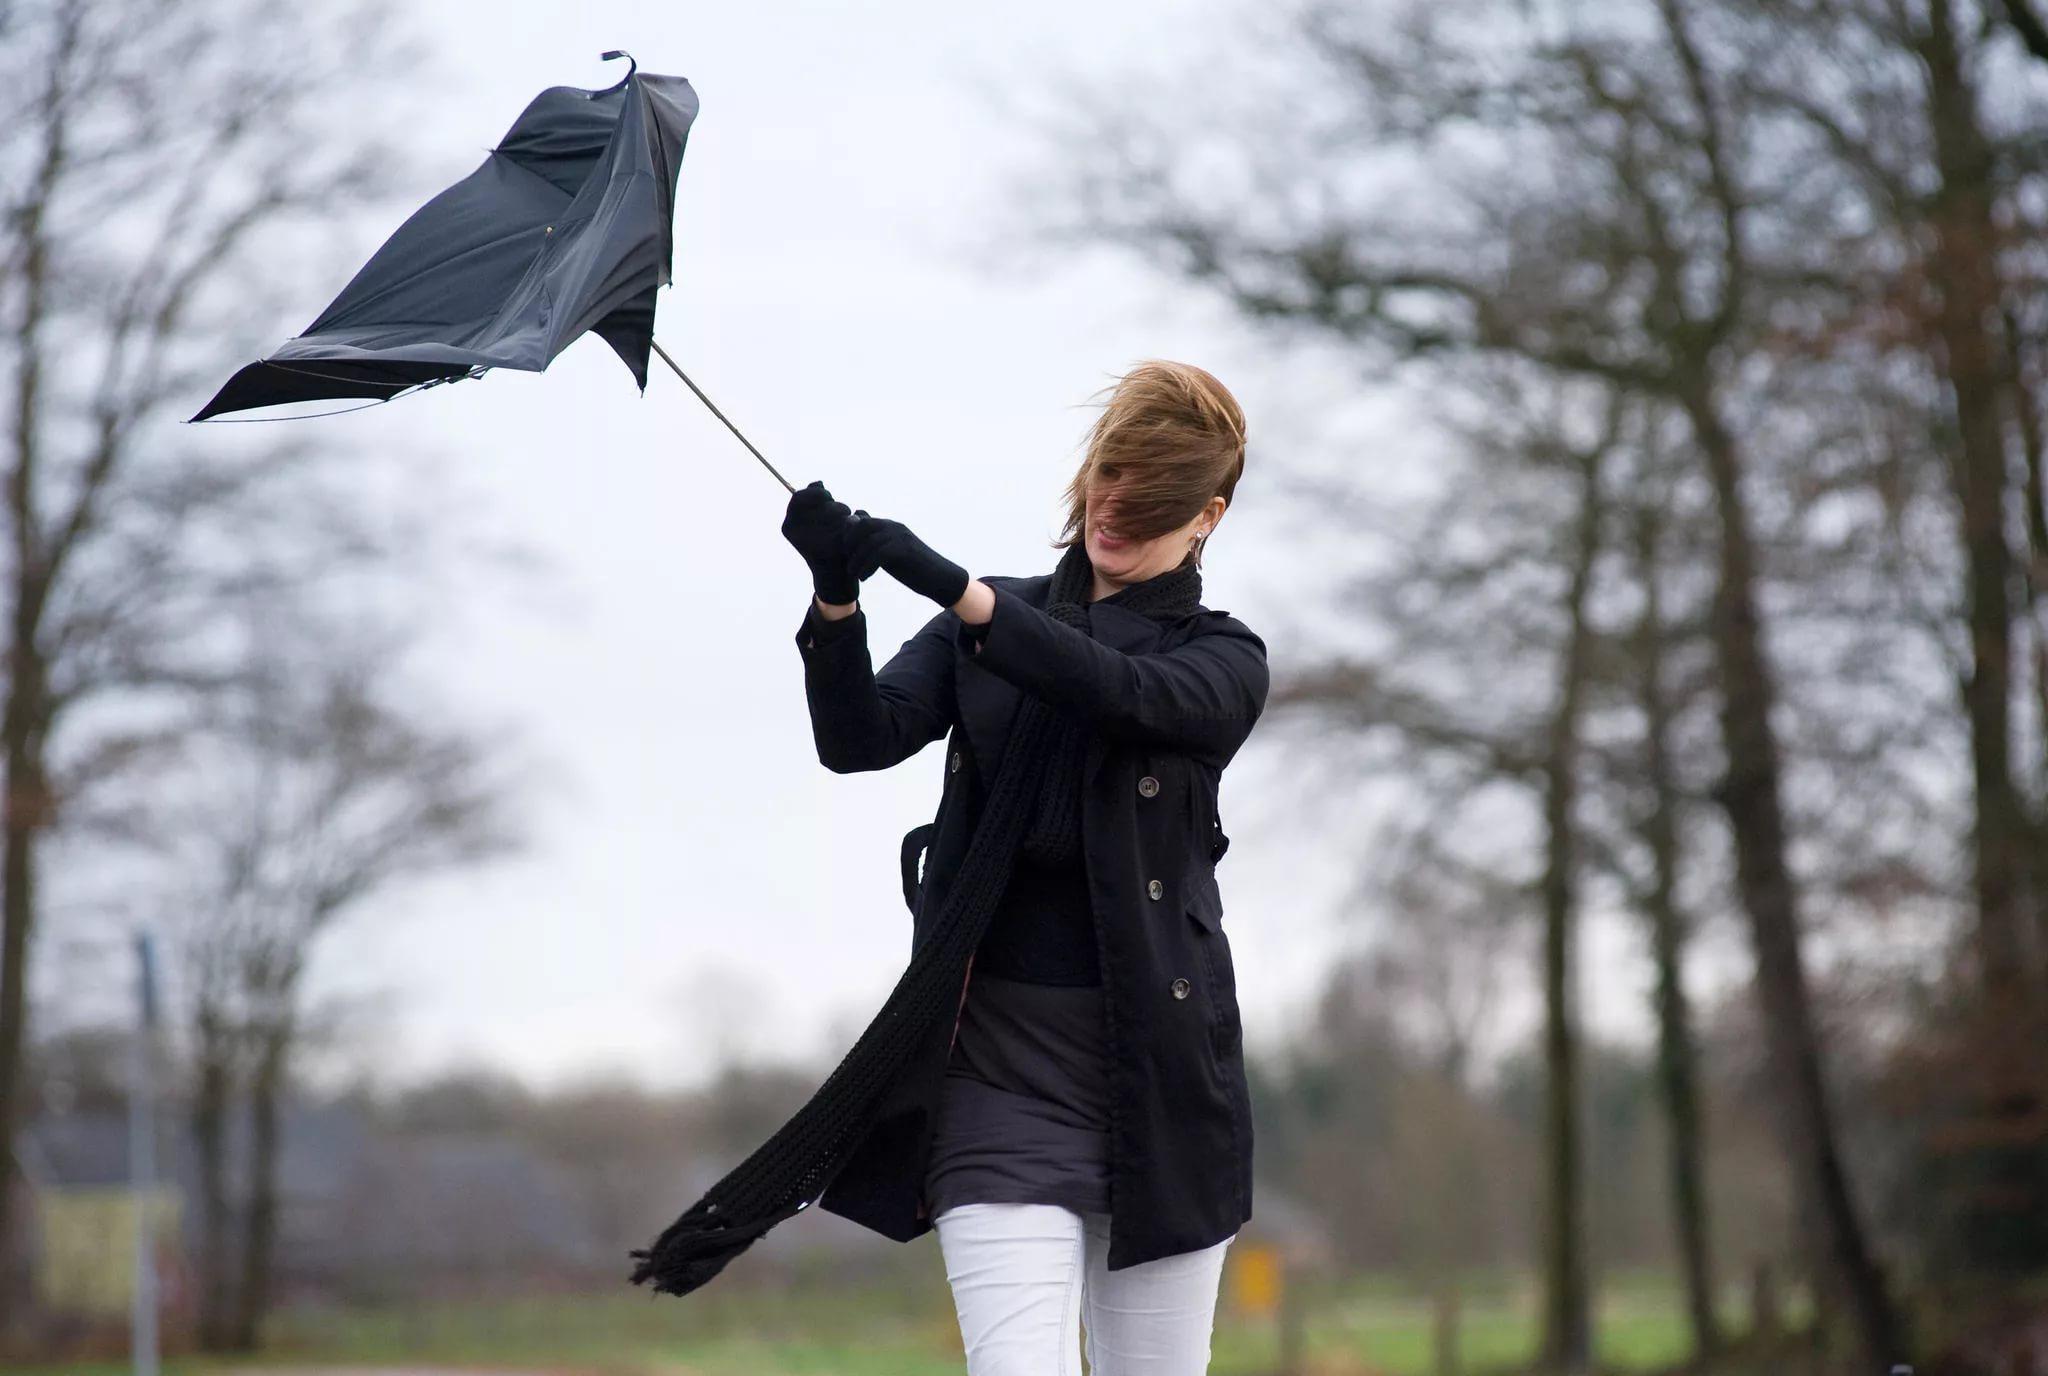 МЧС публикует метеопредупреждение